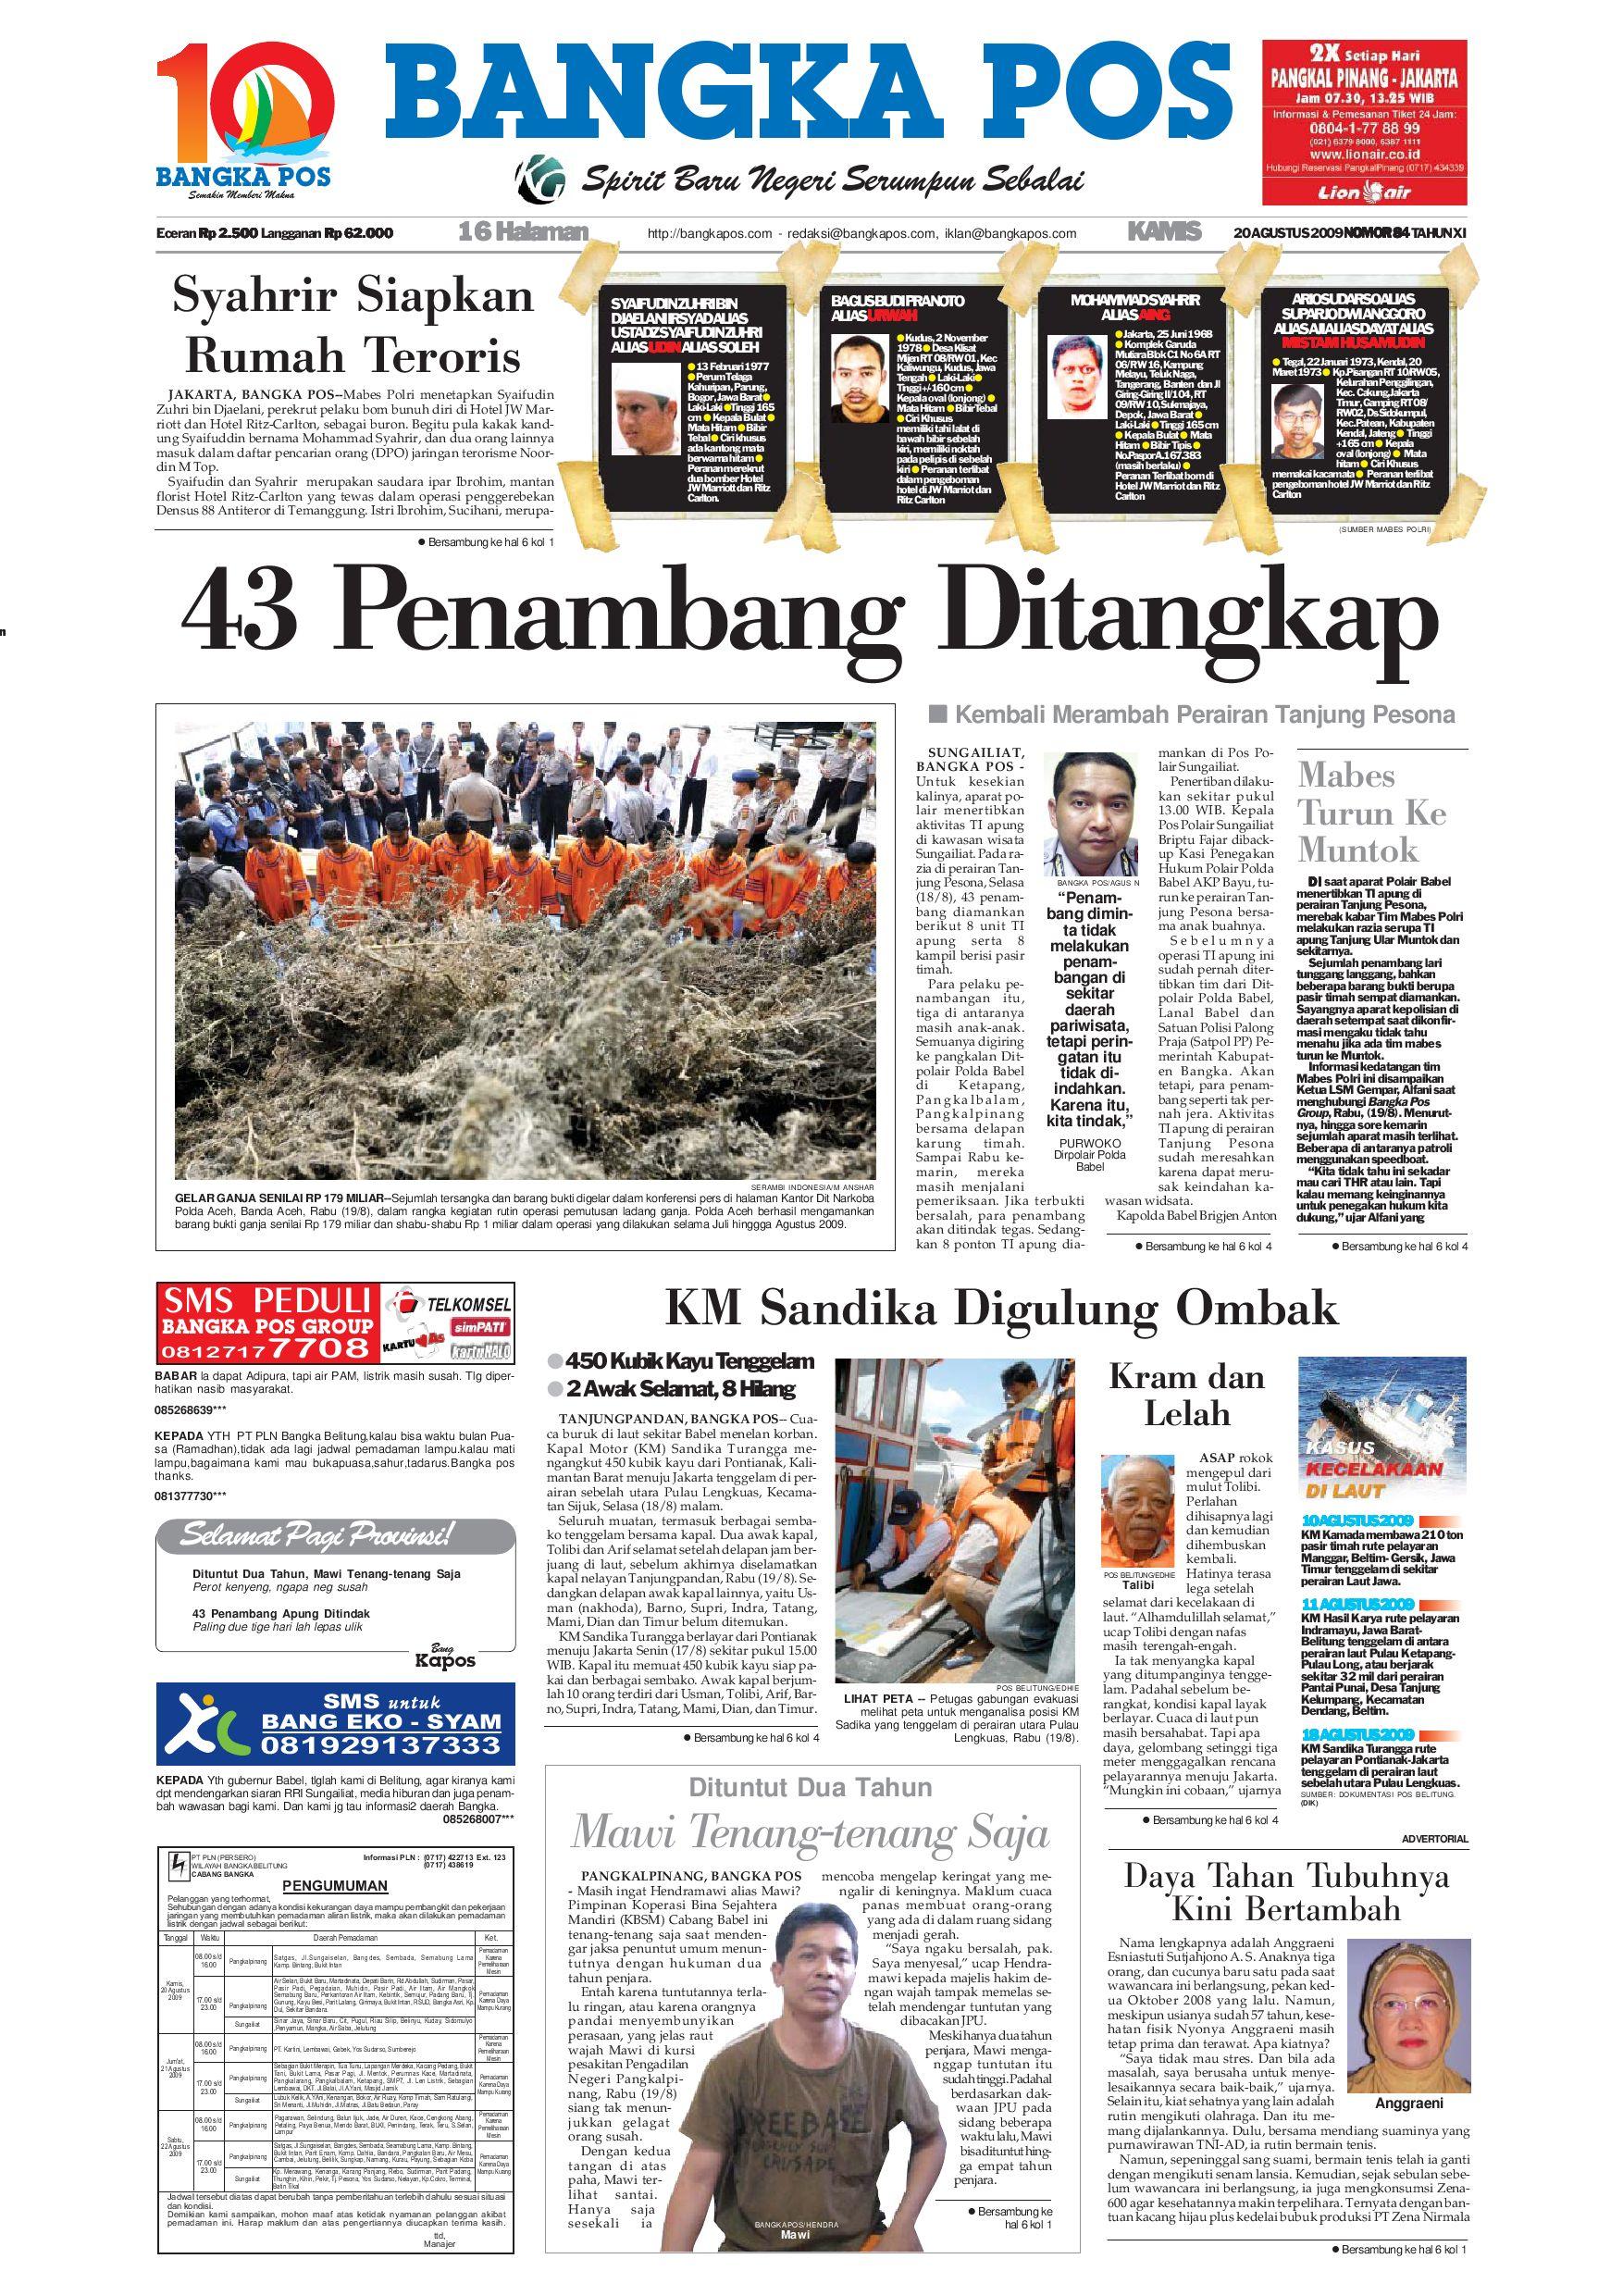 Harian Pagi Bangka Pos Edisi 20 Agustus 2009 by bangka pos - issuu 1e045b2495